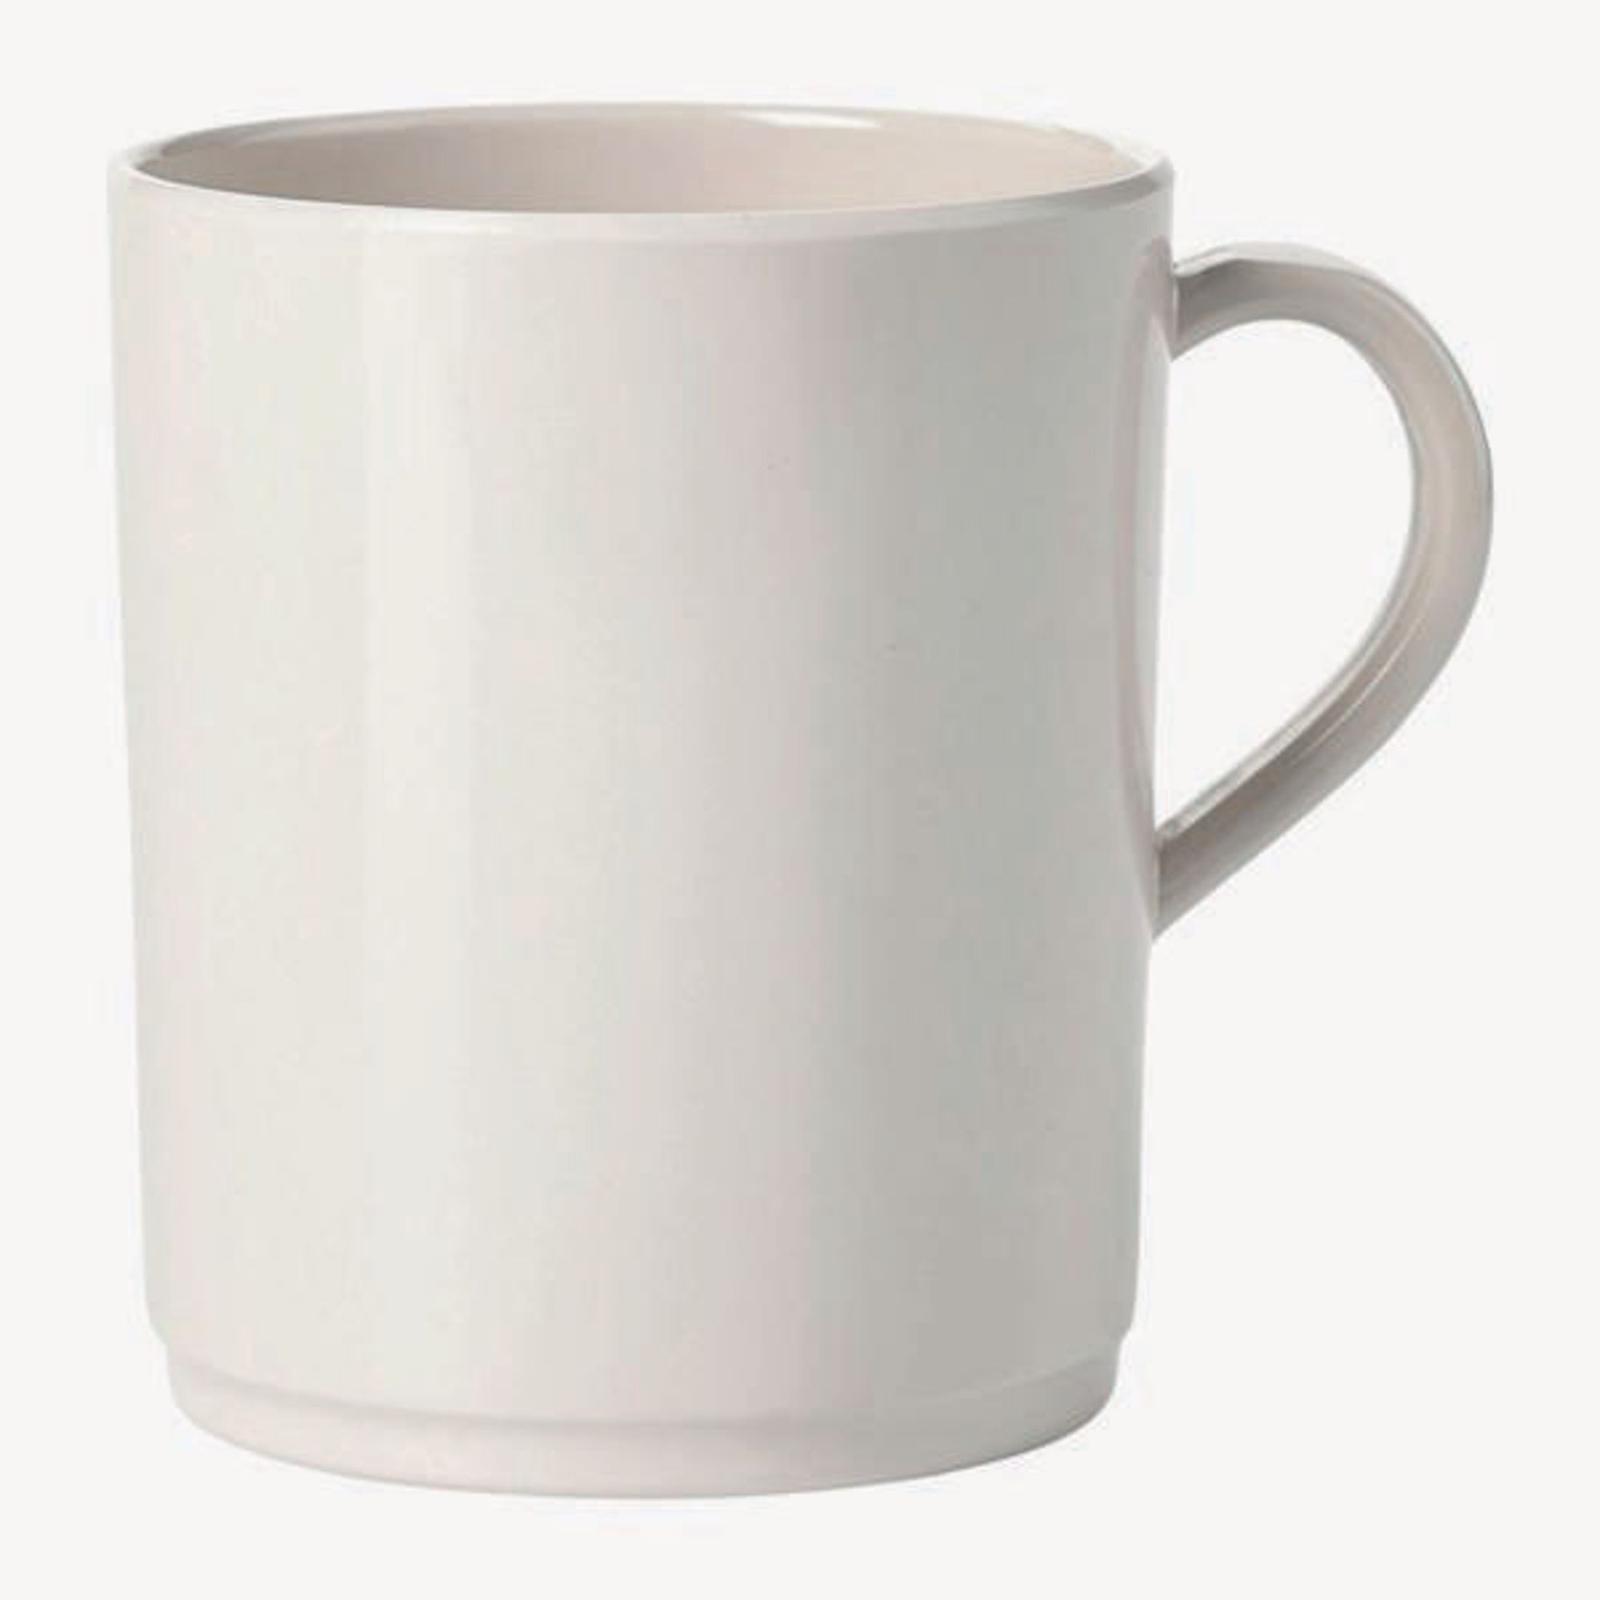 White Melamine Tableware - 310ml Mugs